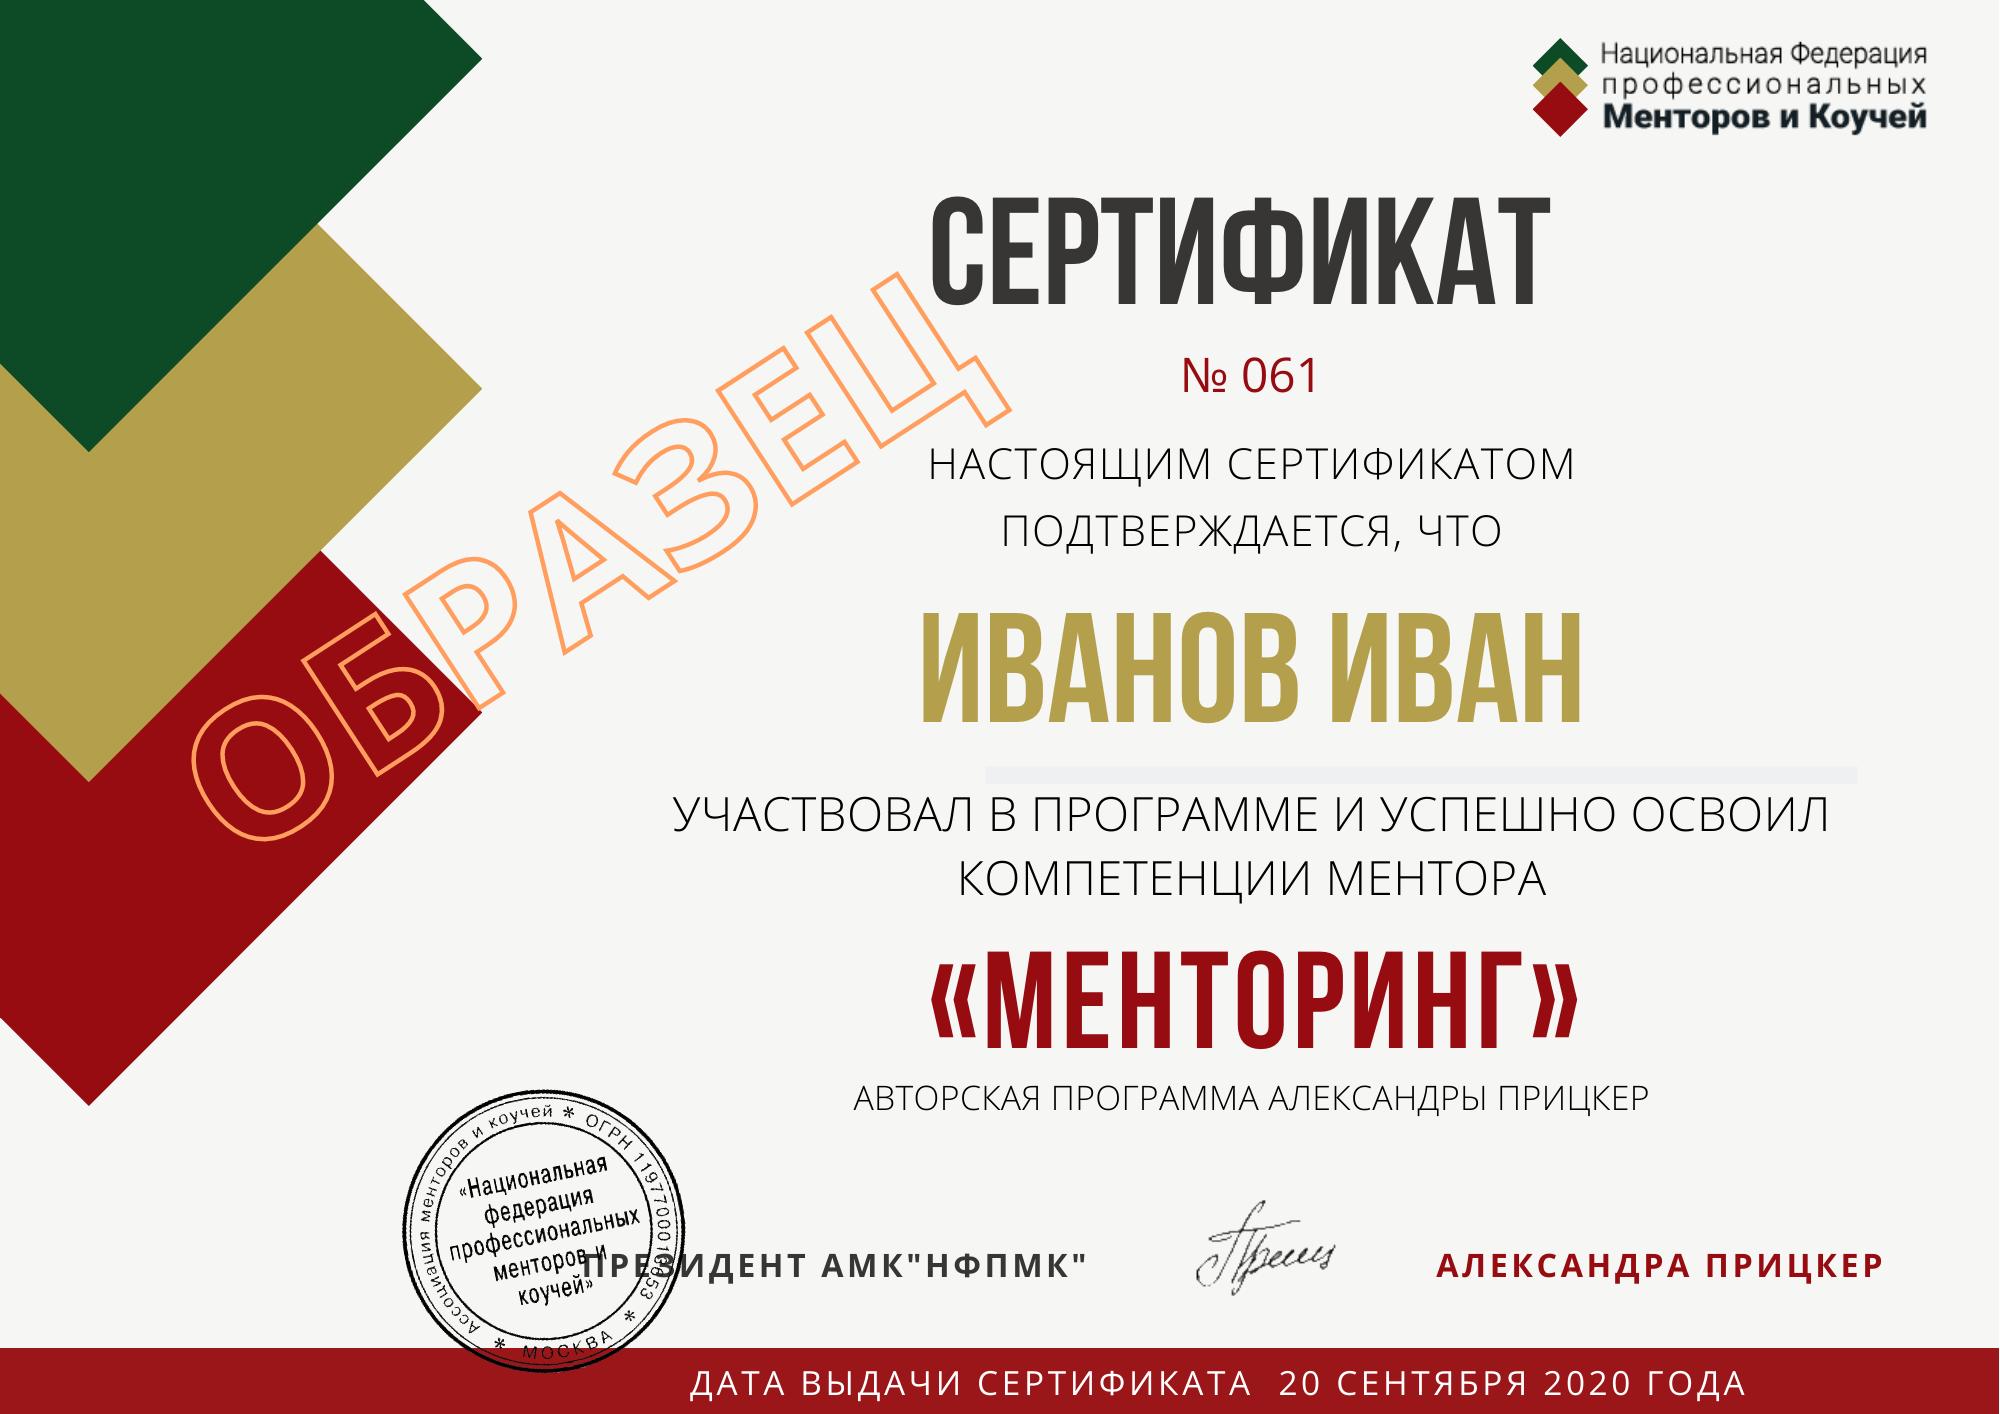 сертификат НФП, копия, копия, копия, копия, копия